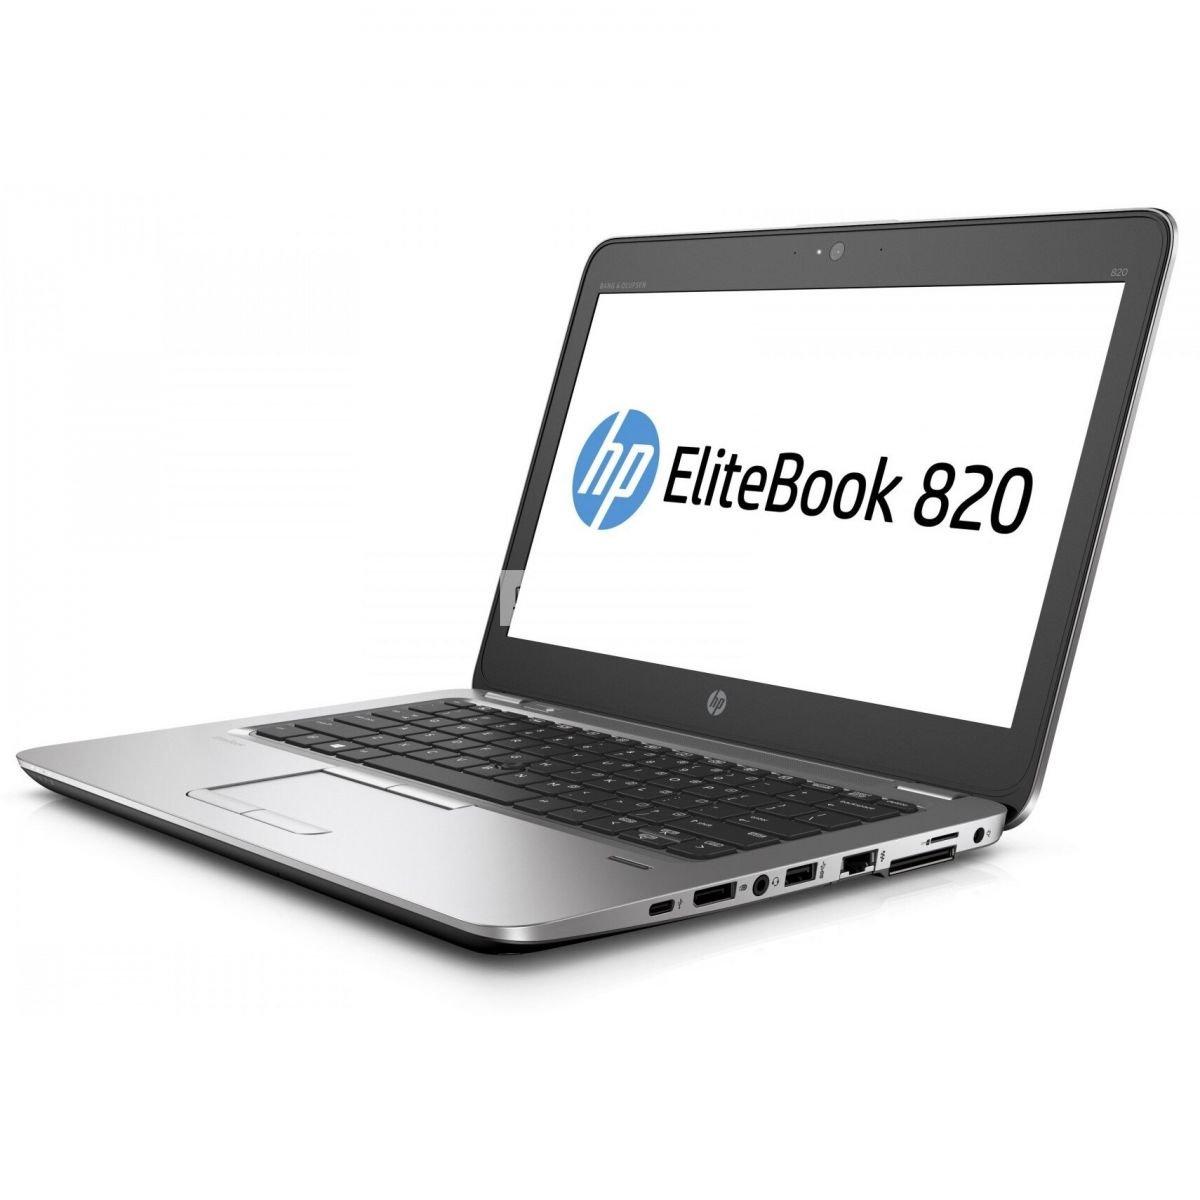 HP EliteBook 820 G3 HUN laptop